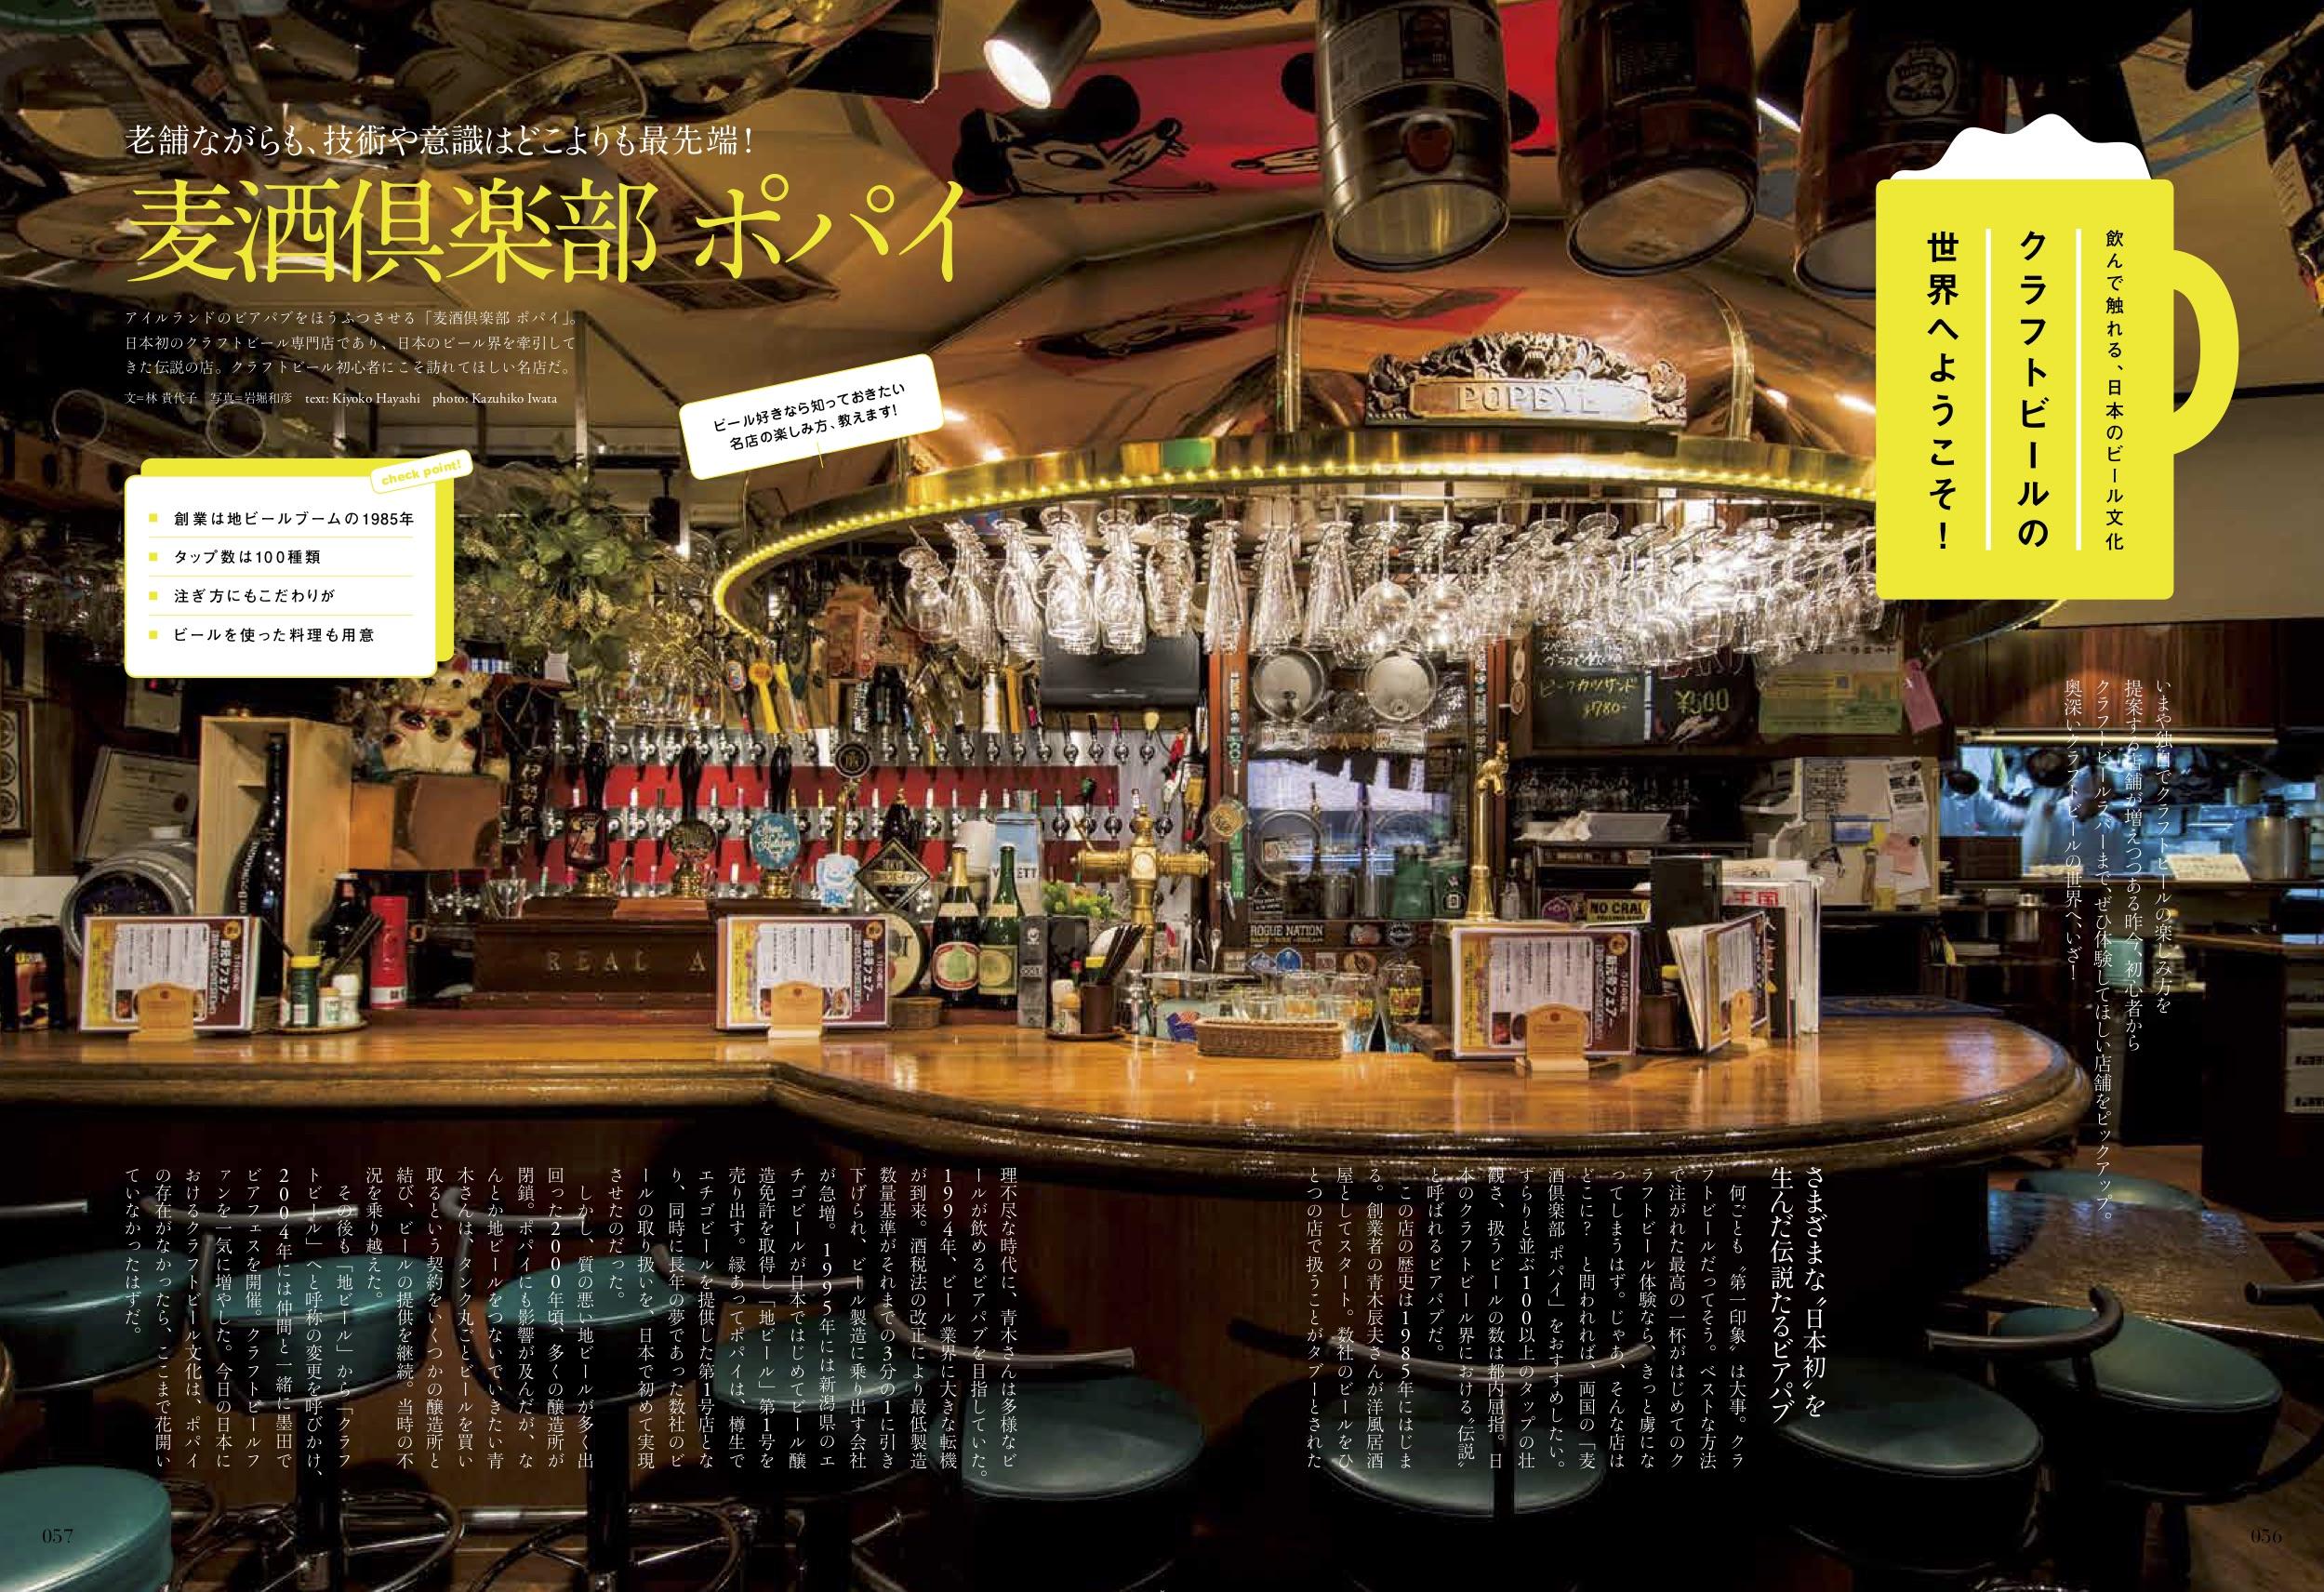 飲んで触れる、日本のビール文化 クラフトビールの世界へようこそ!